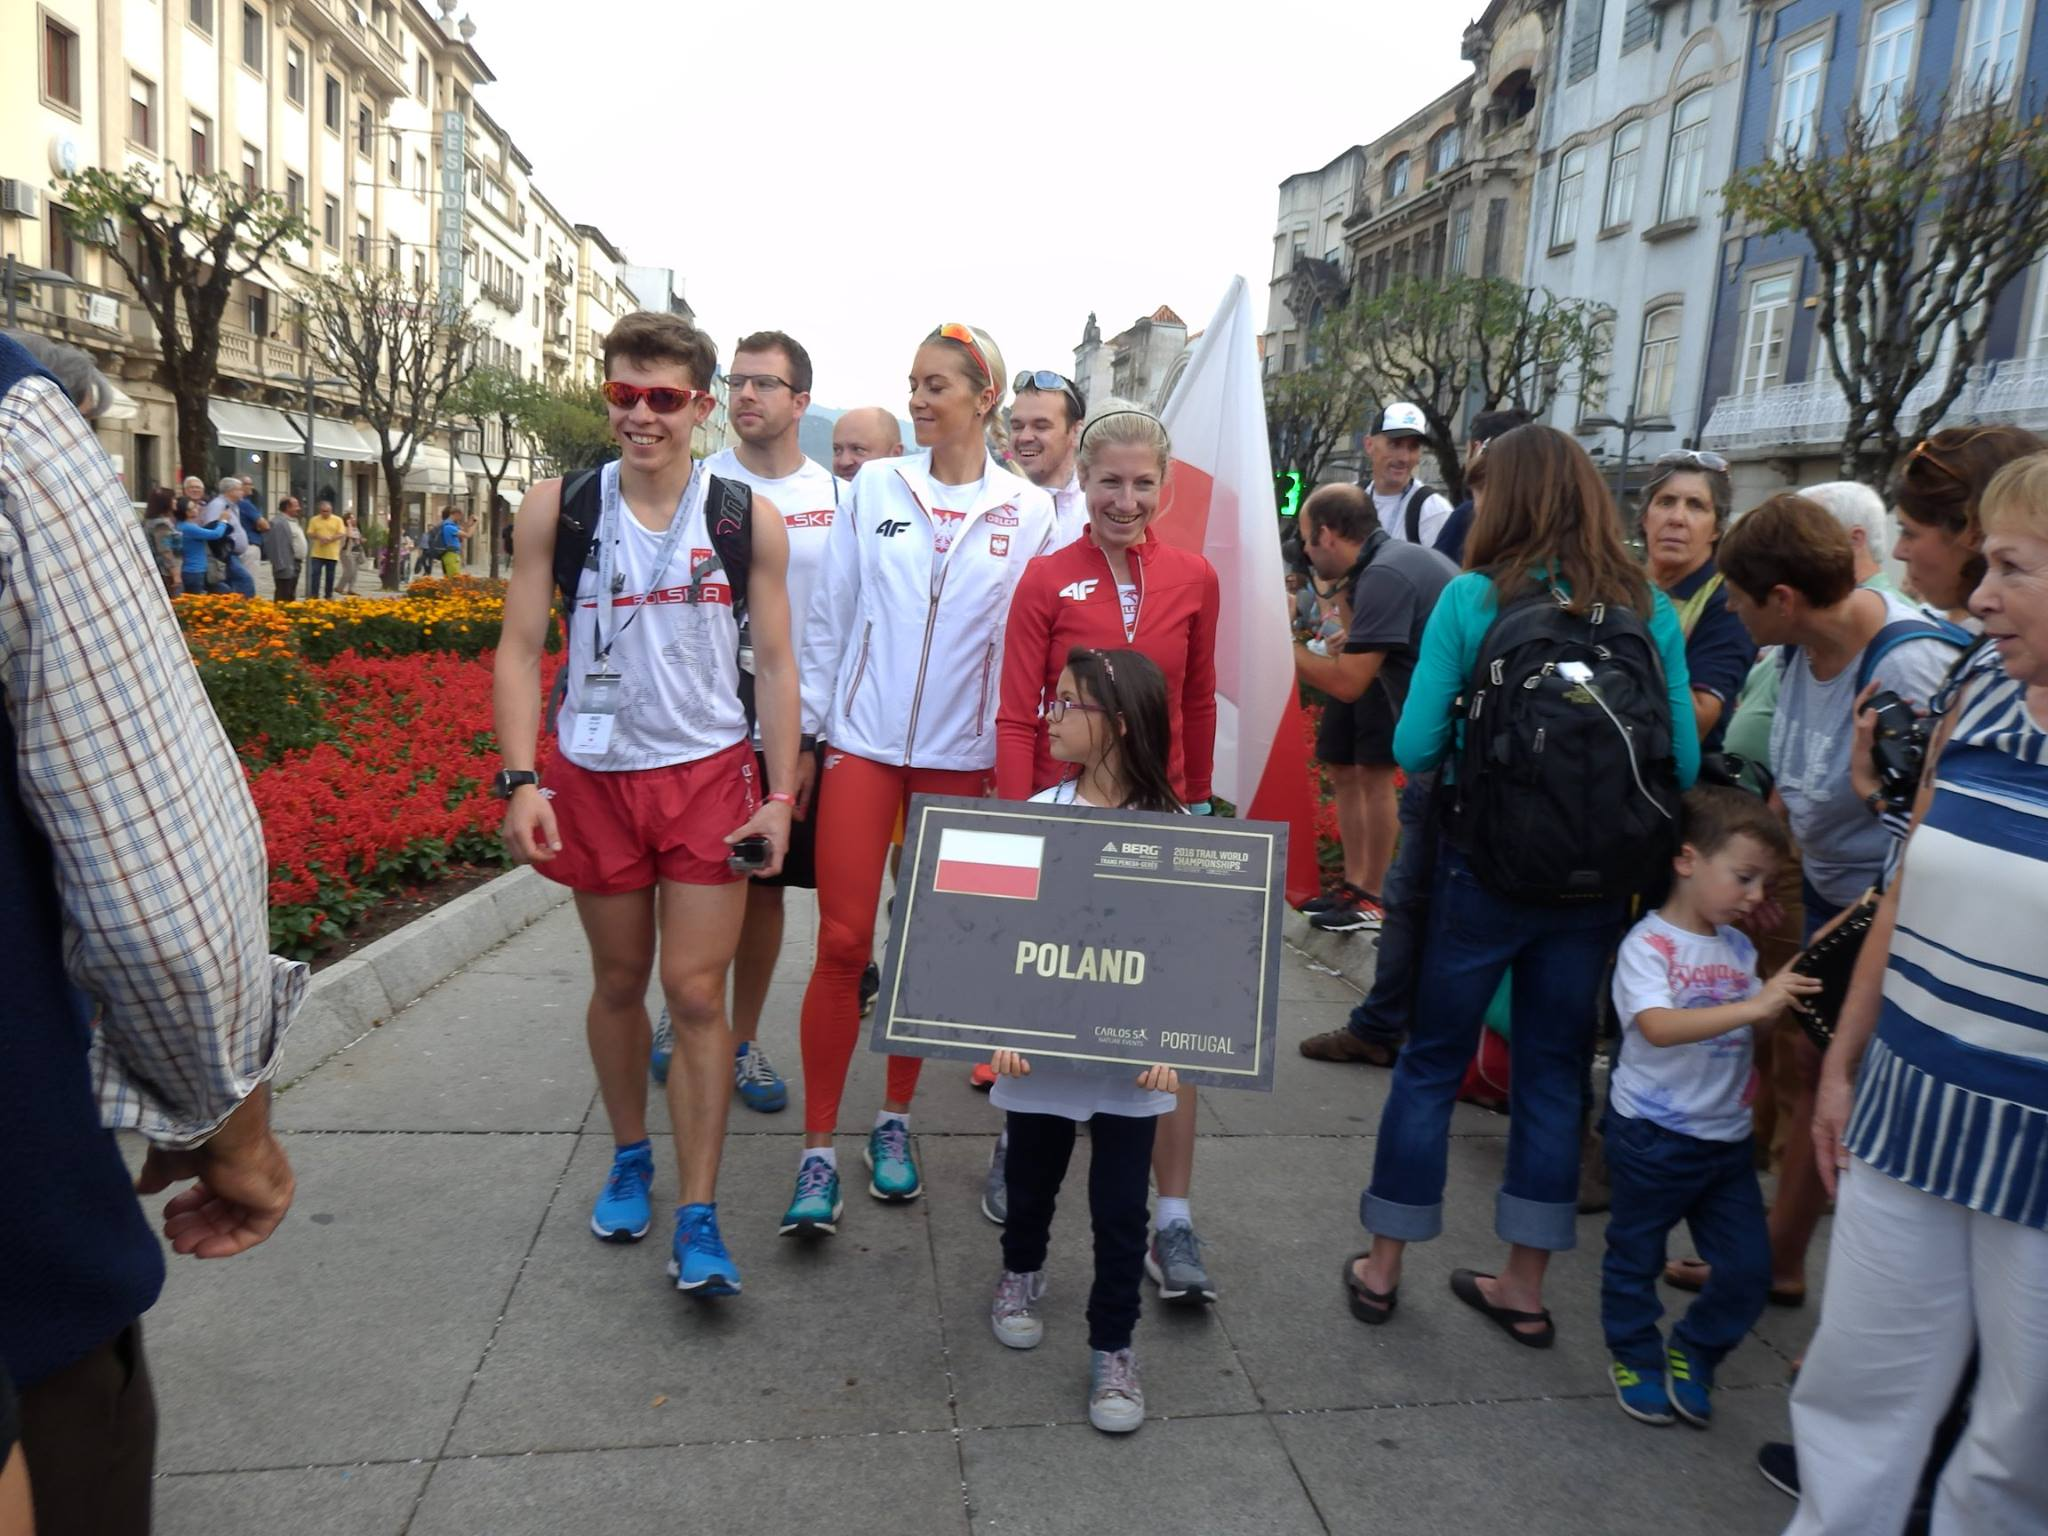 Polacy na Mistrzostwach Świata w Trailu w Portugalii. Fot. Joao Carvalo Joca